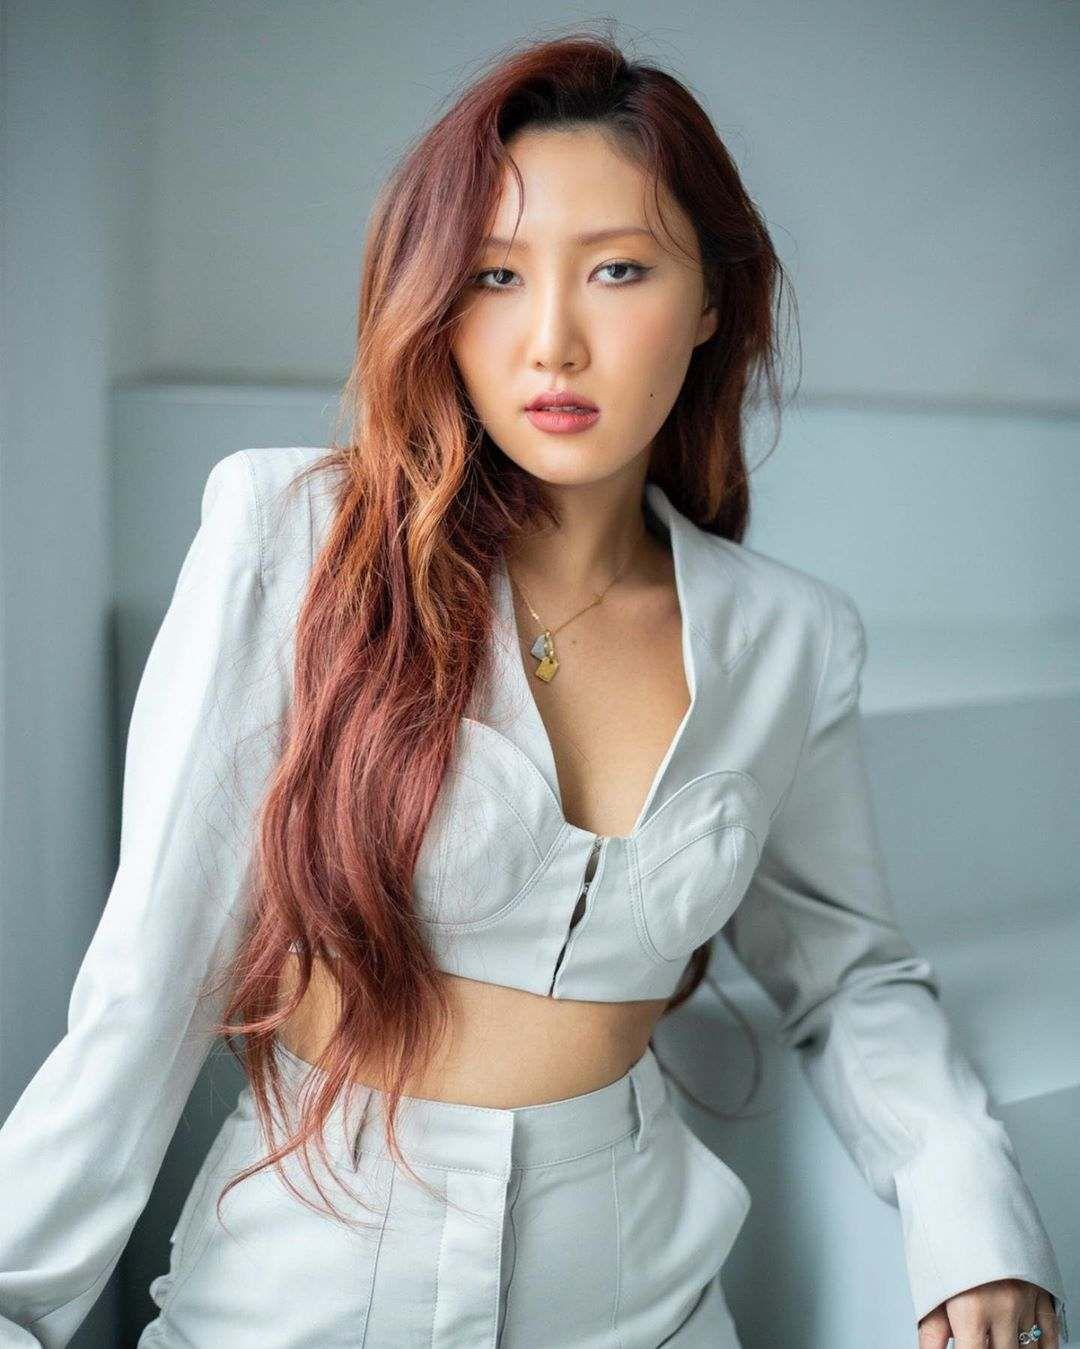 Super Populer 10 Idol Cewek Ini Paling Mudah Dikenali Netizen My Girl Wanita Gadis Korea